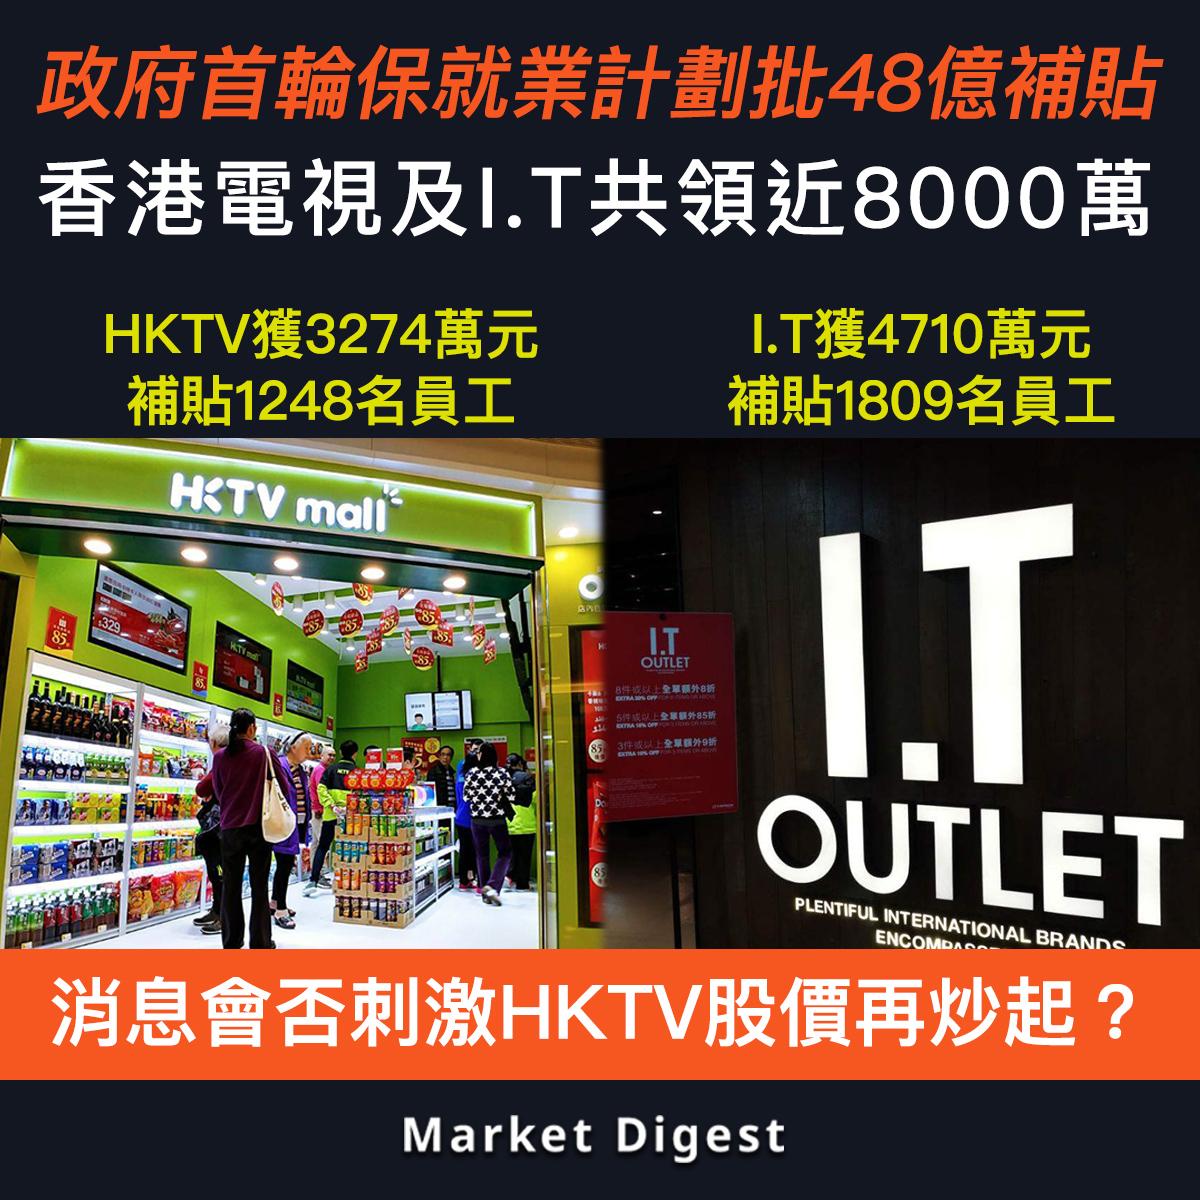 【市場熱話】政府首輪「保就業計劃」批出48億補貼,香港電視及I.T共領近8000萬